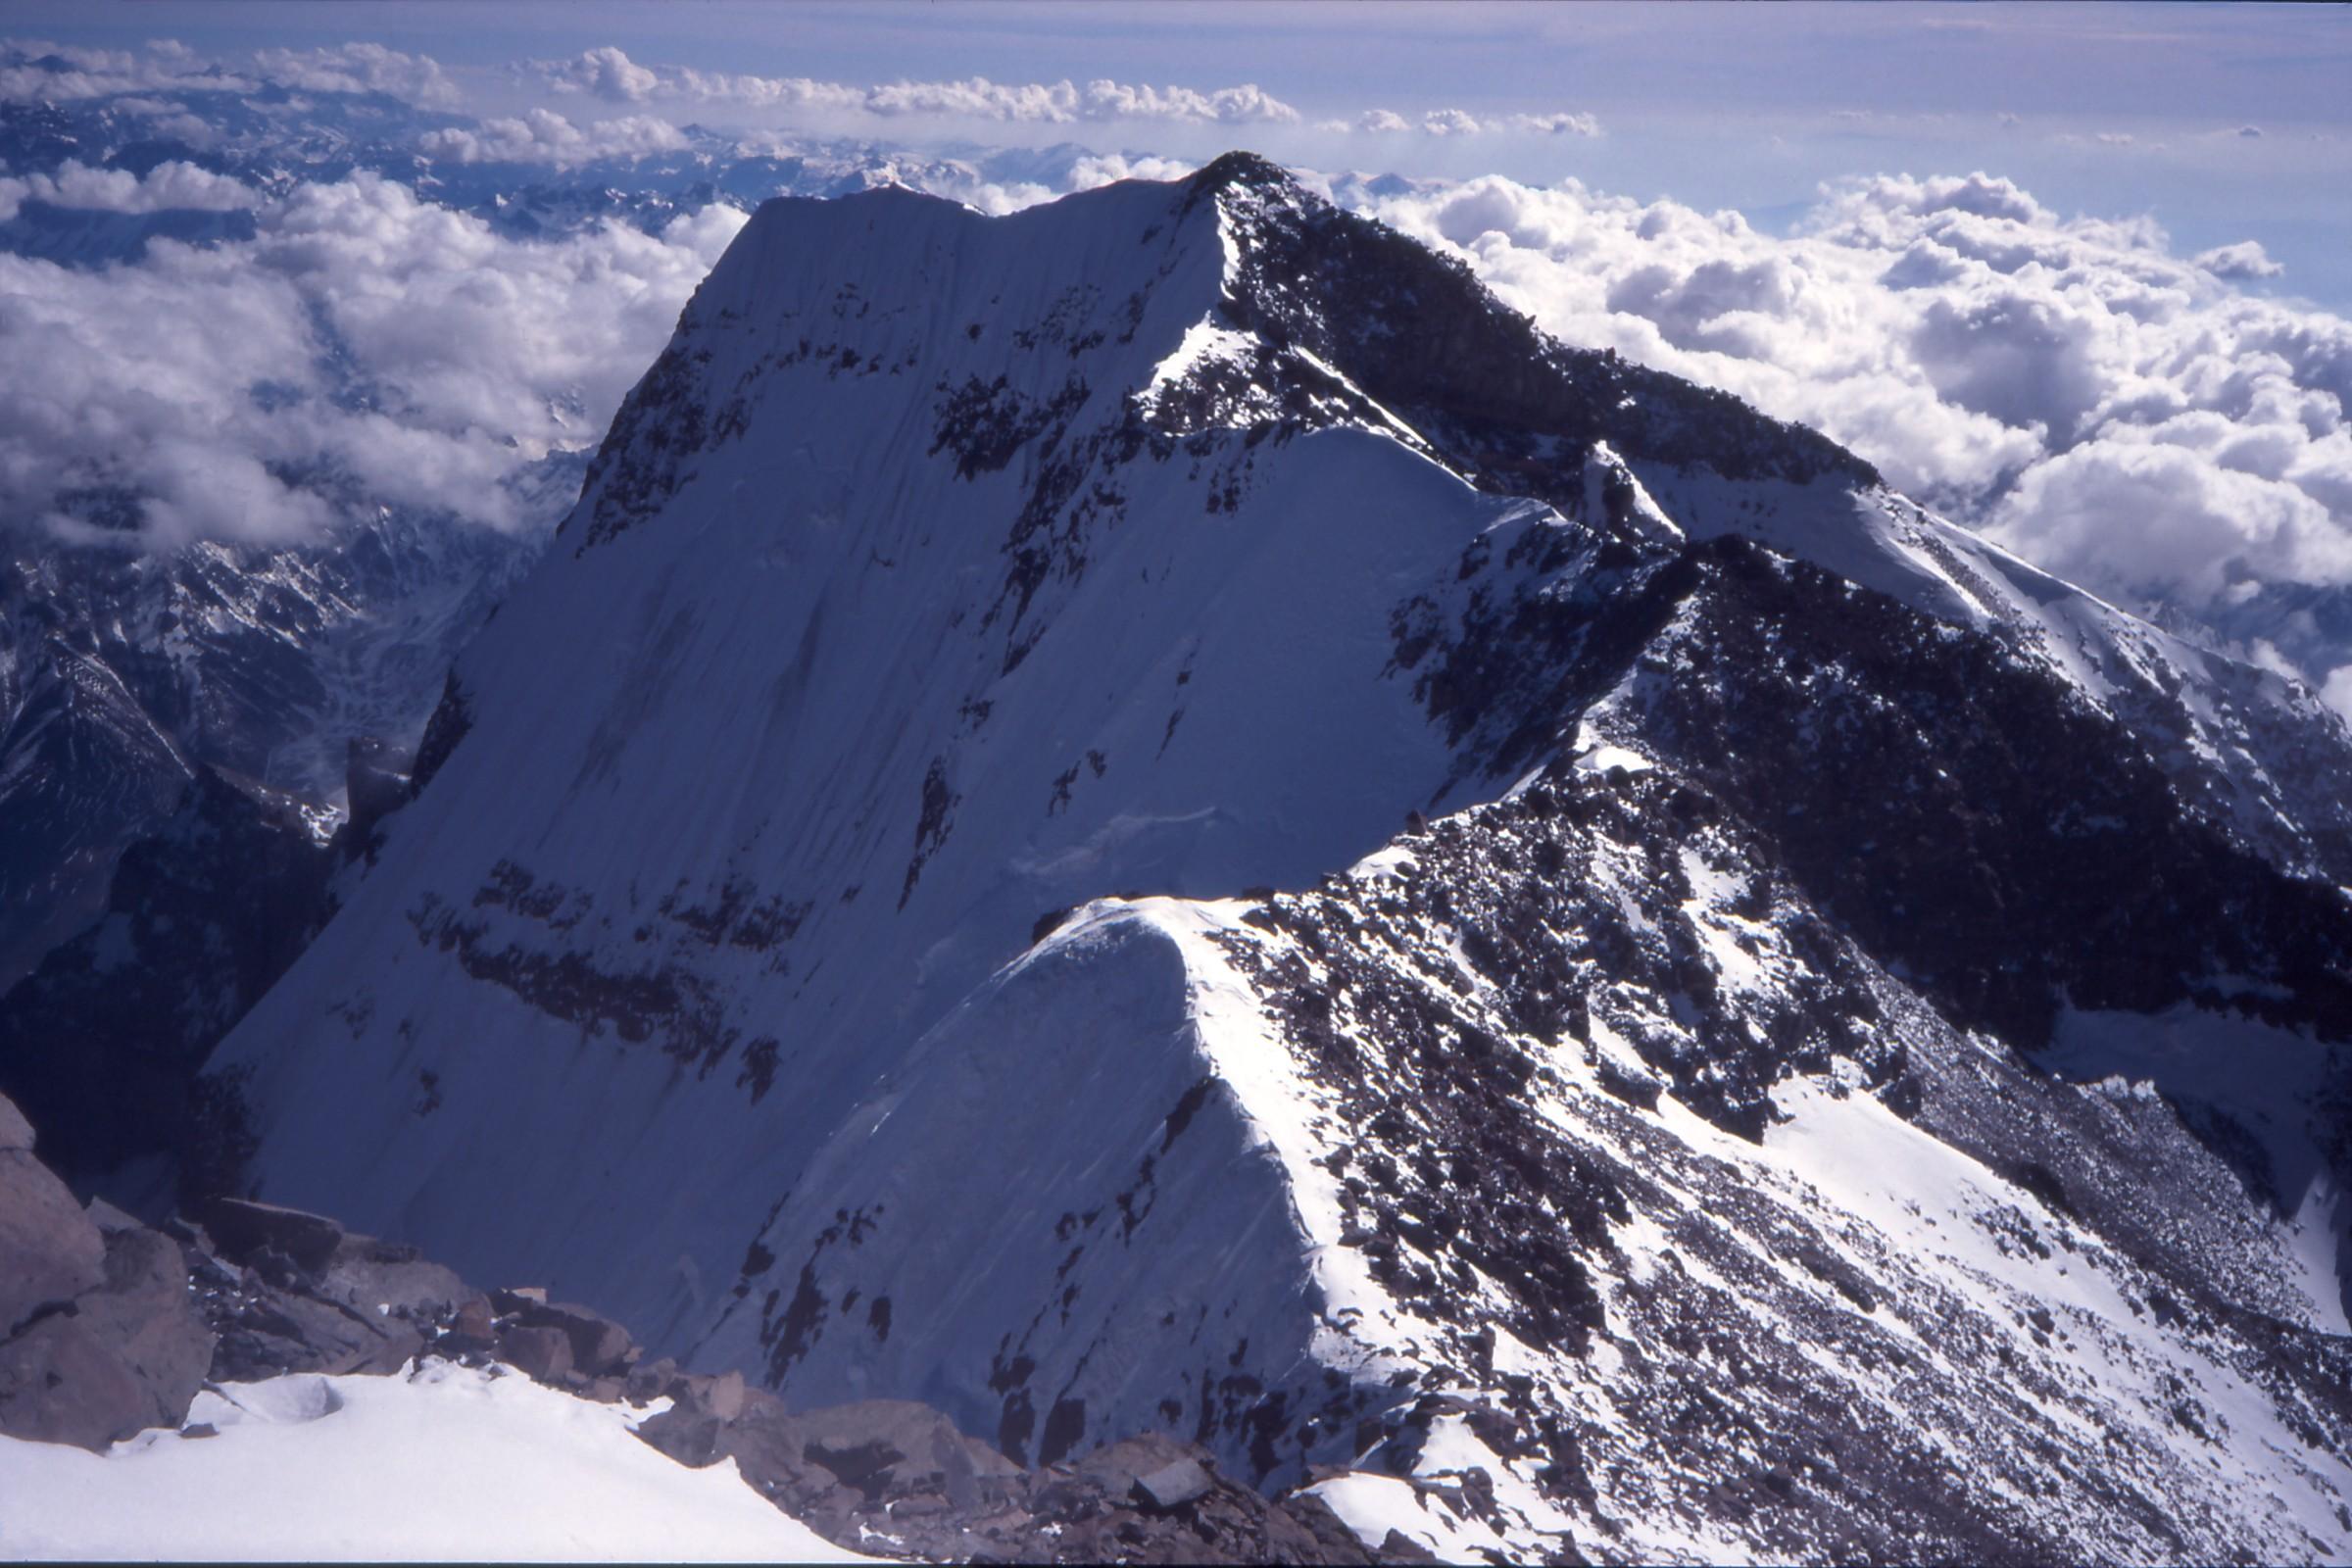 Aconcagua, Argentina – 22,902' (6980m)